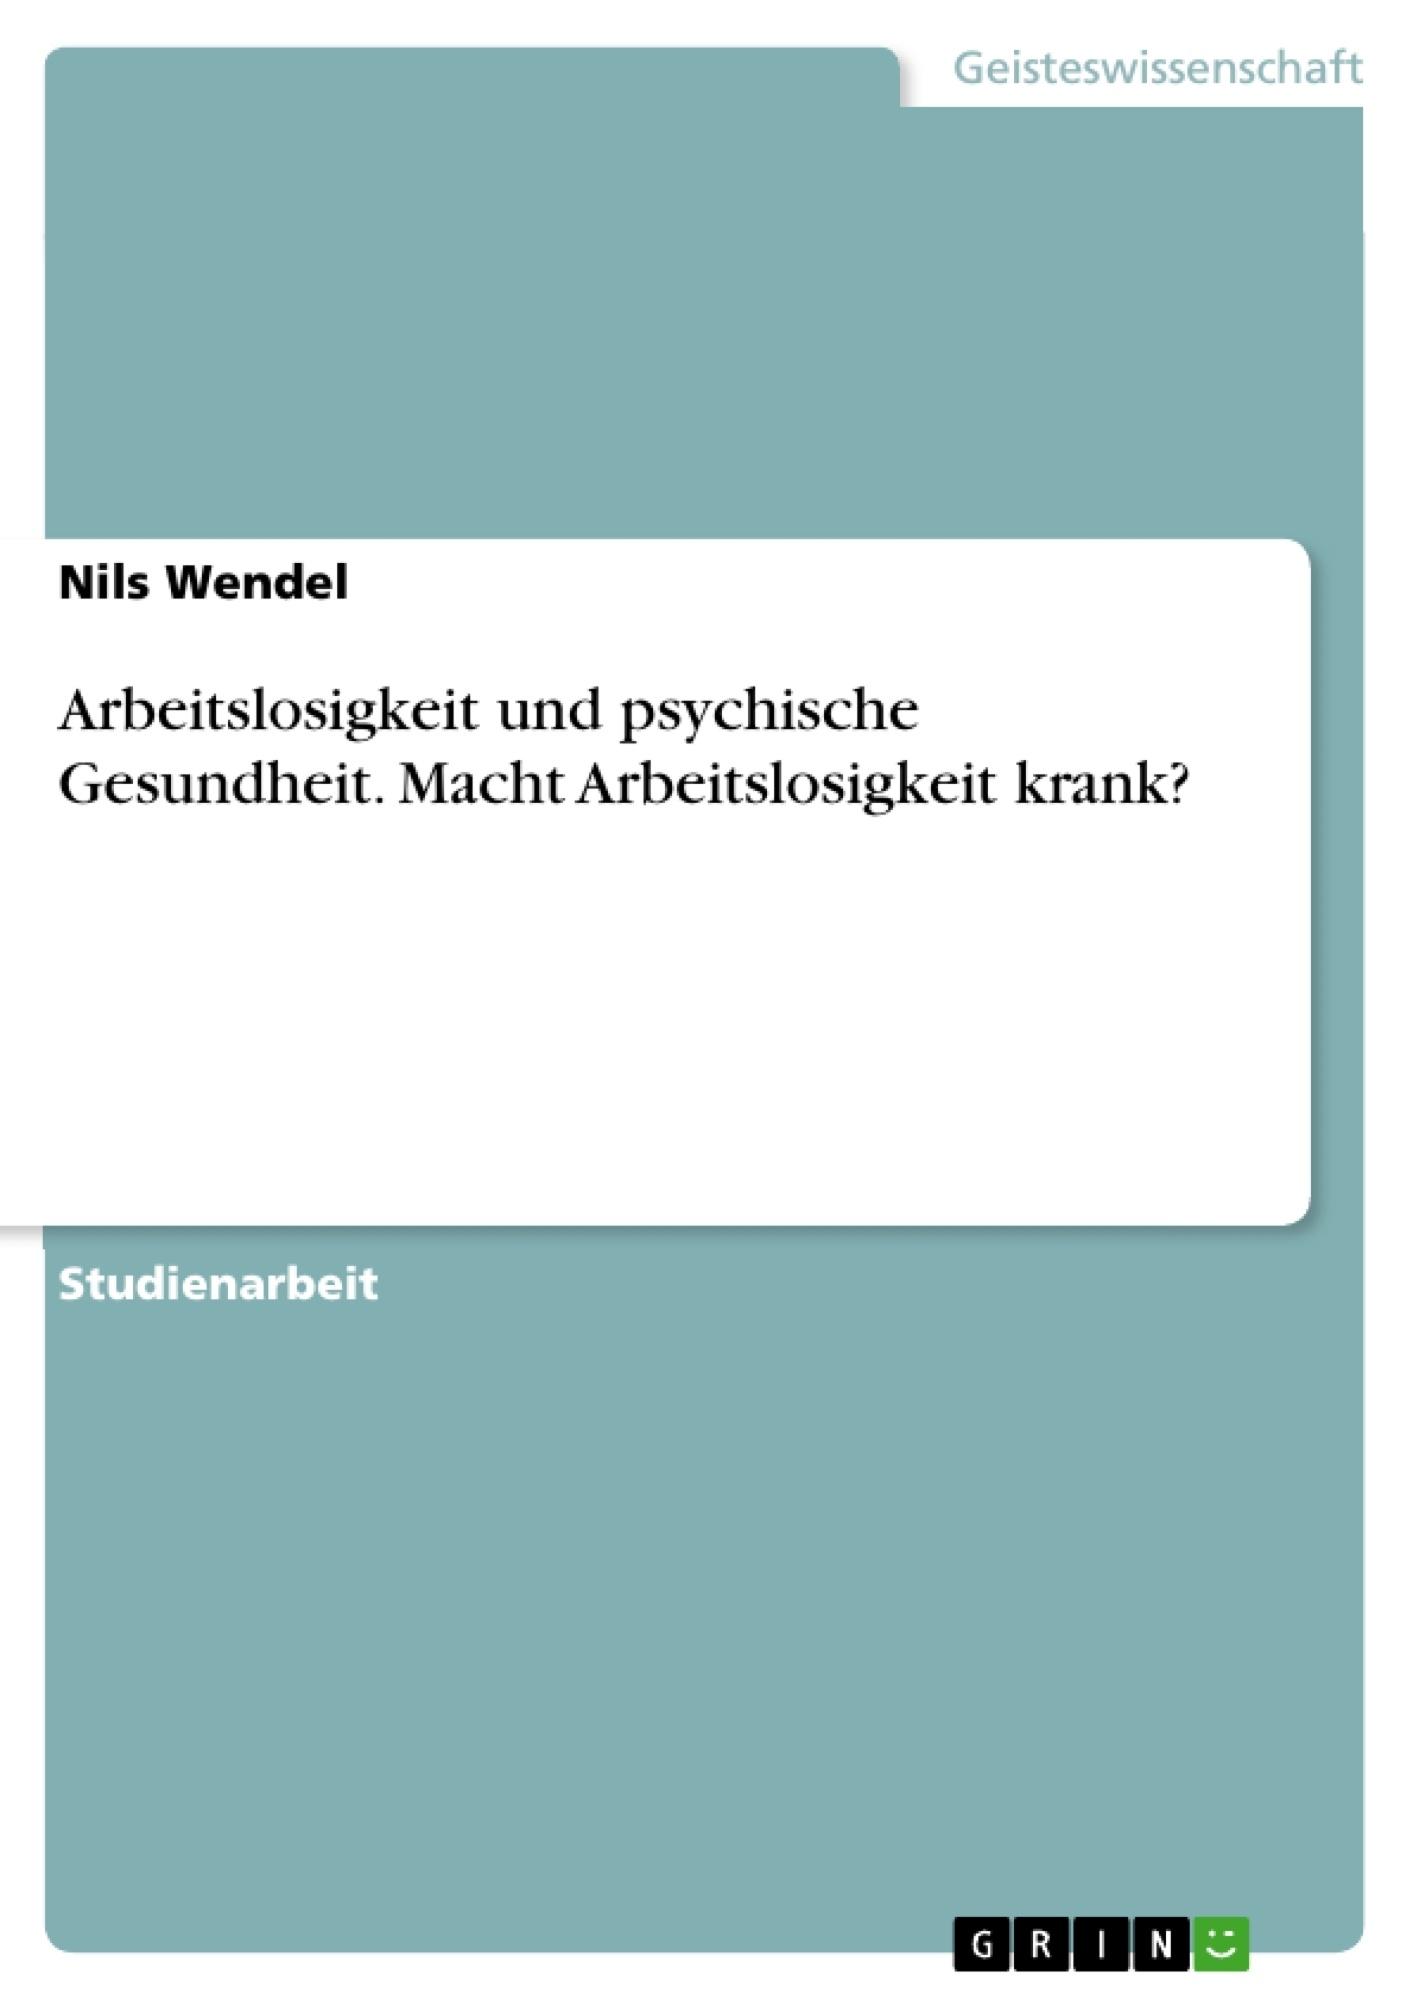 Titel: Arbeitslosigkeit und psychische Gesundheit. Macht Arbeitslosigkeit krank?